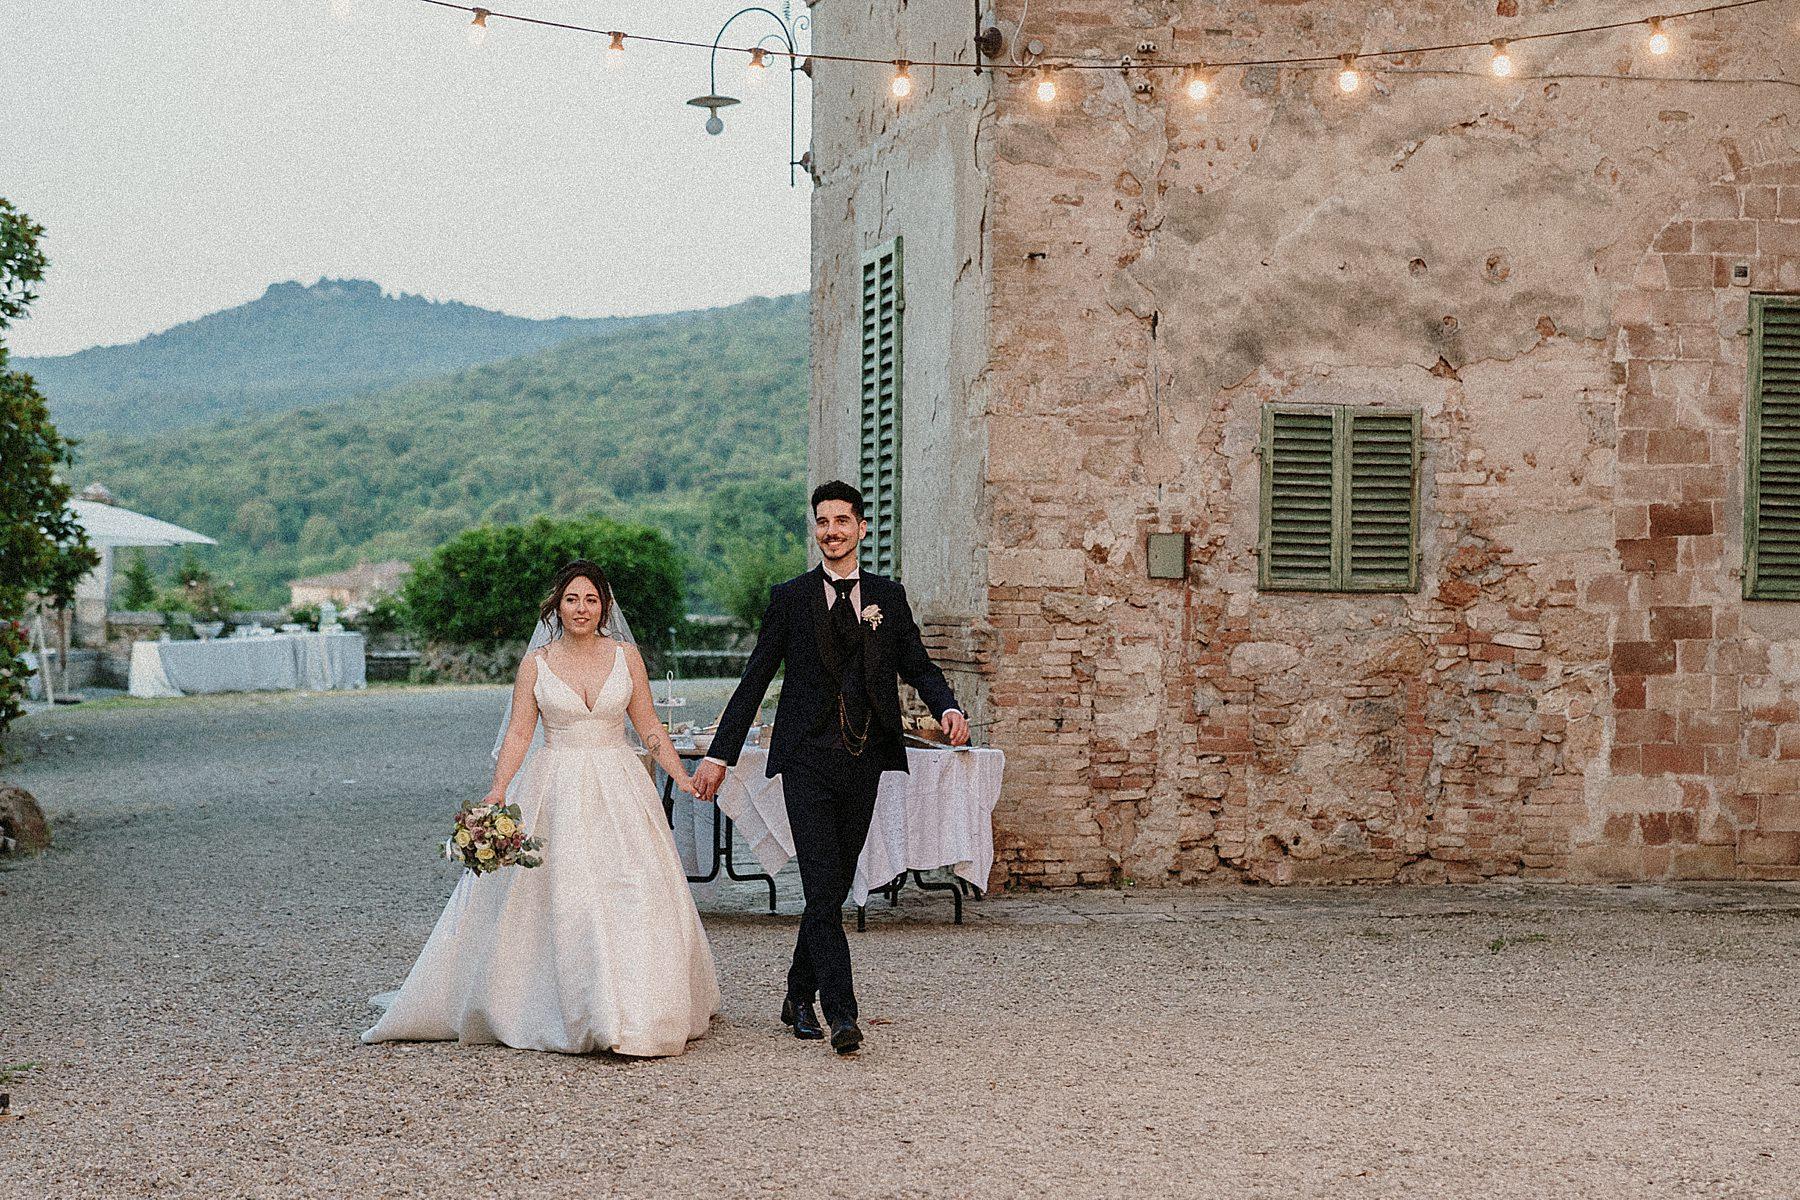 matrimonio tenuta bichi borghesi monteriggioni 3057